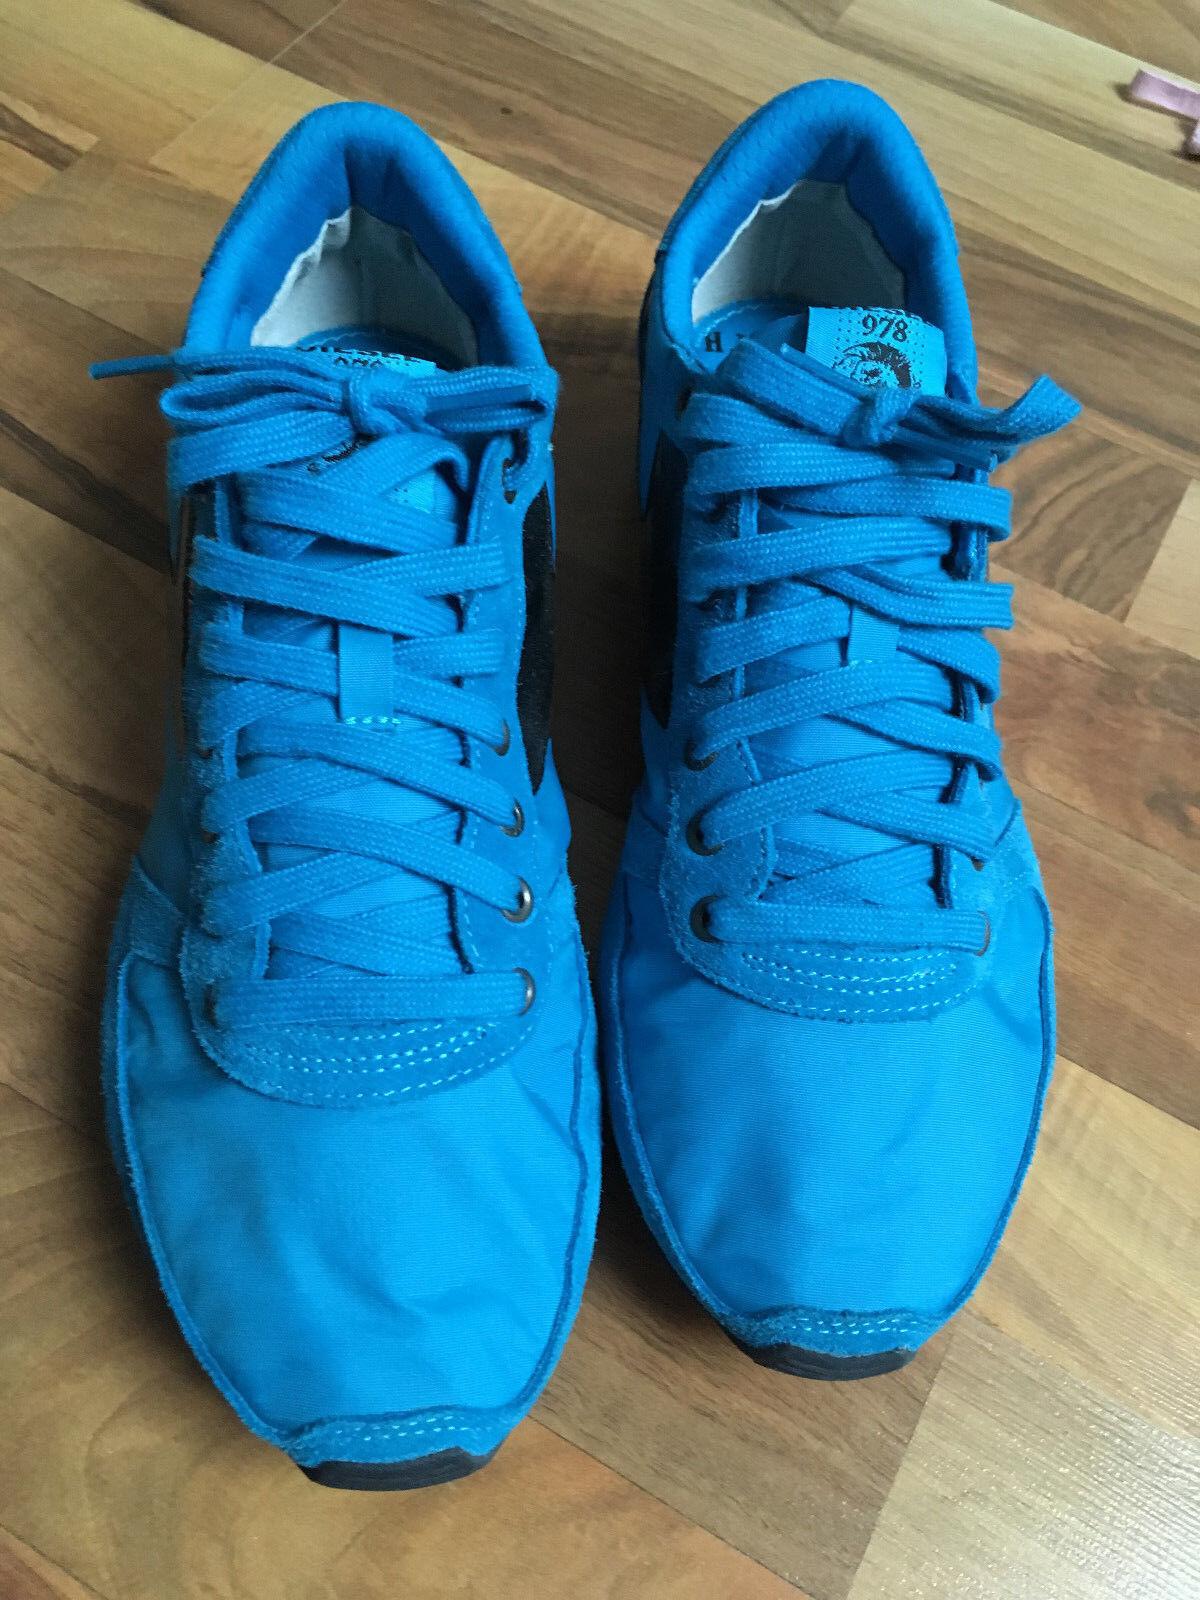 DIESEL Sneakers Blau Größe 42 Neuwertig